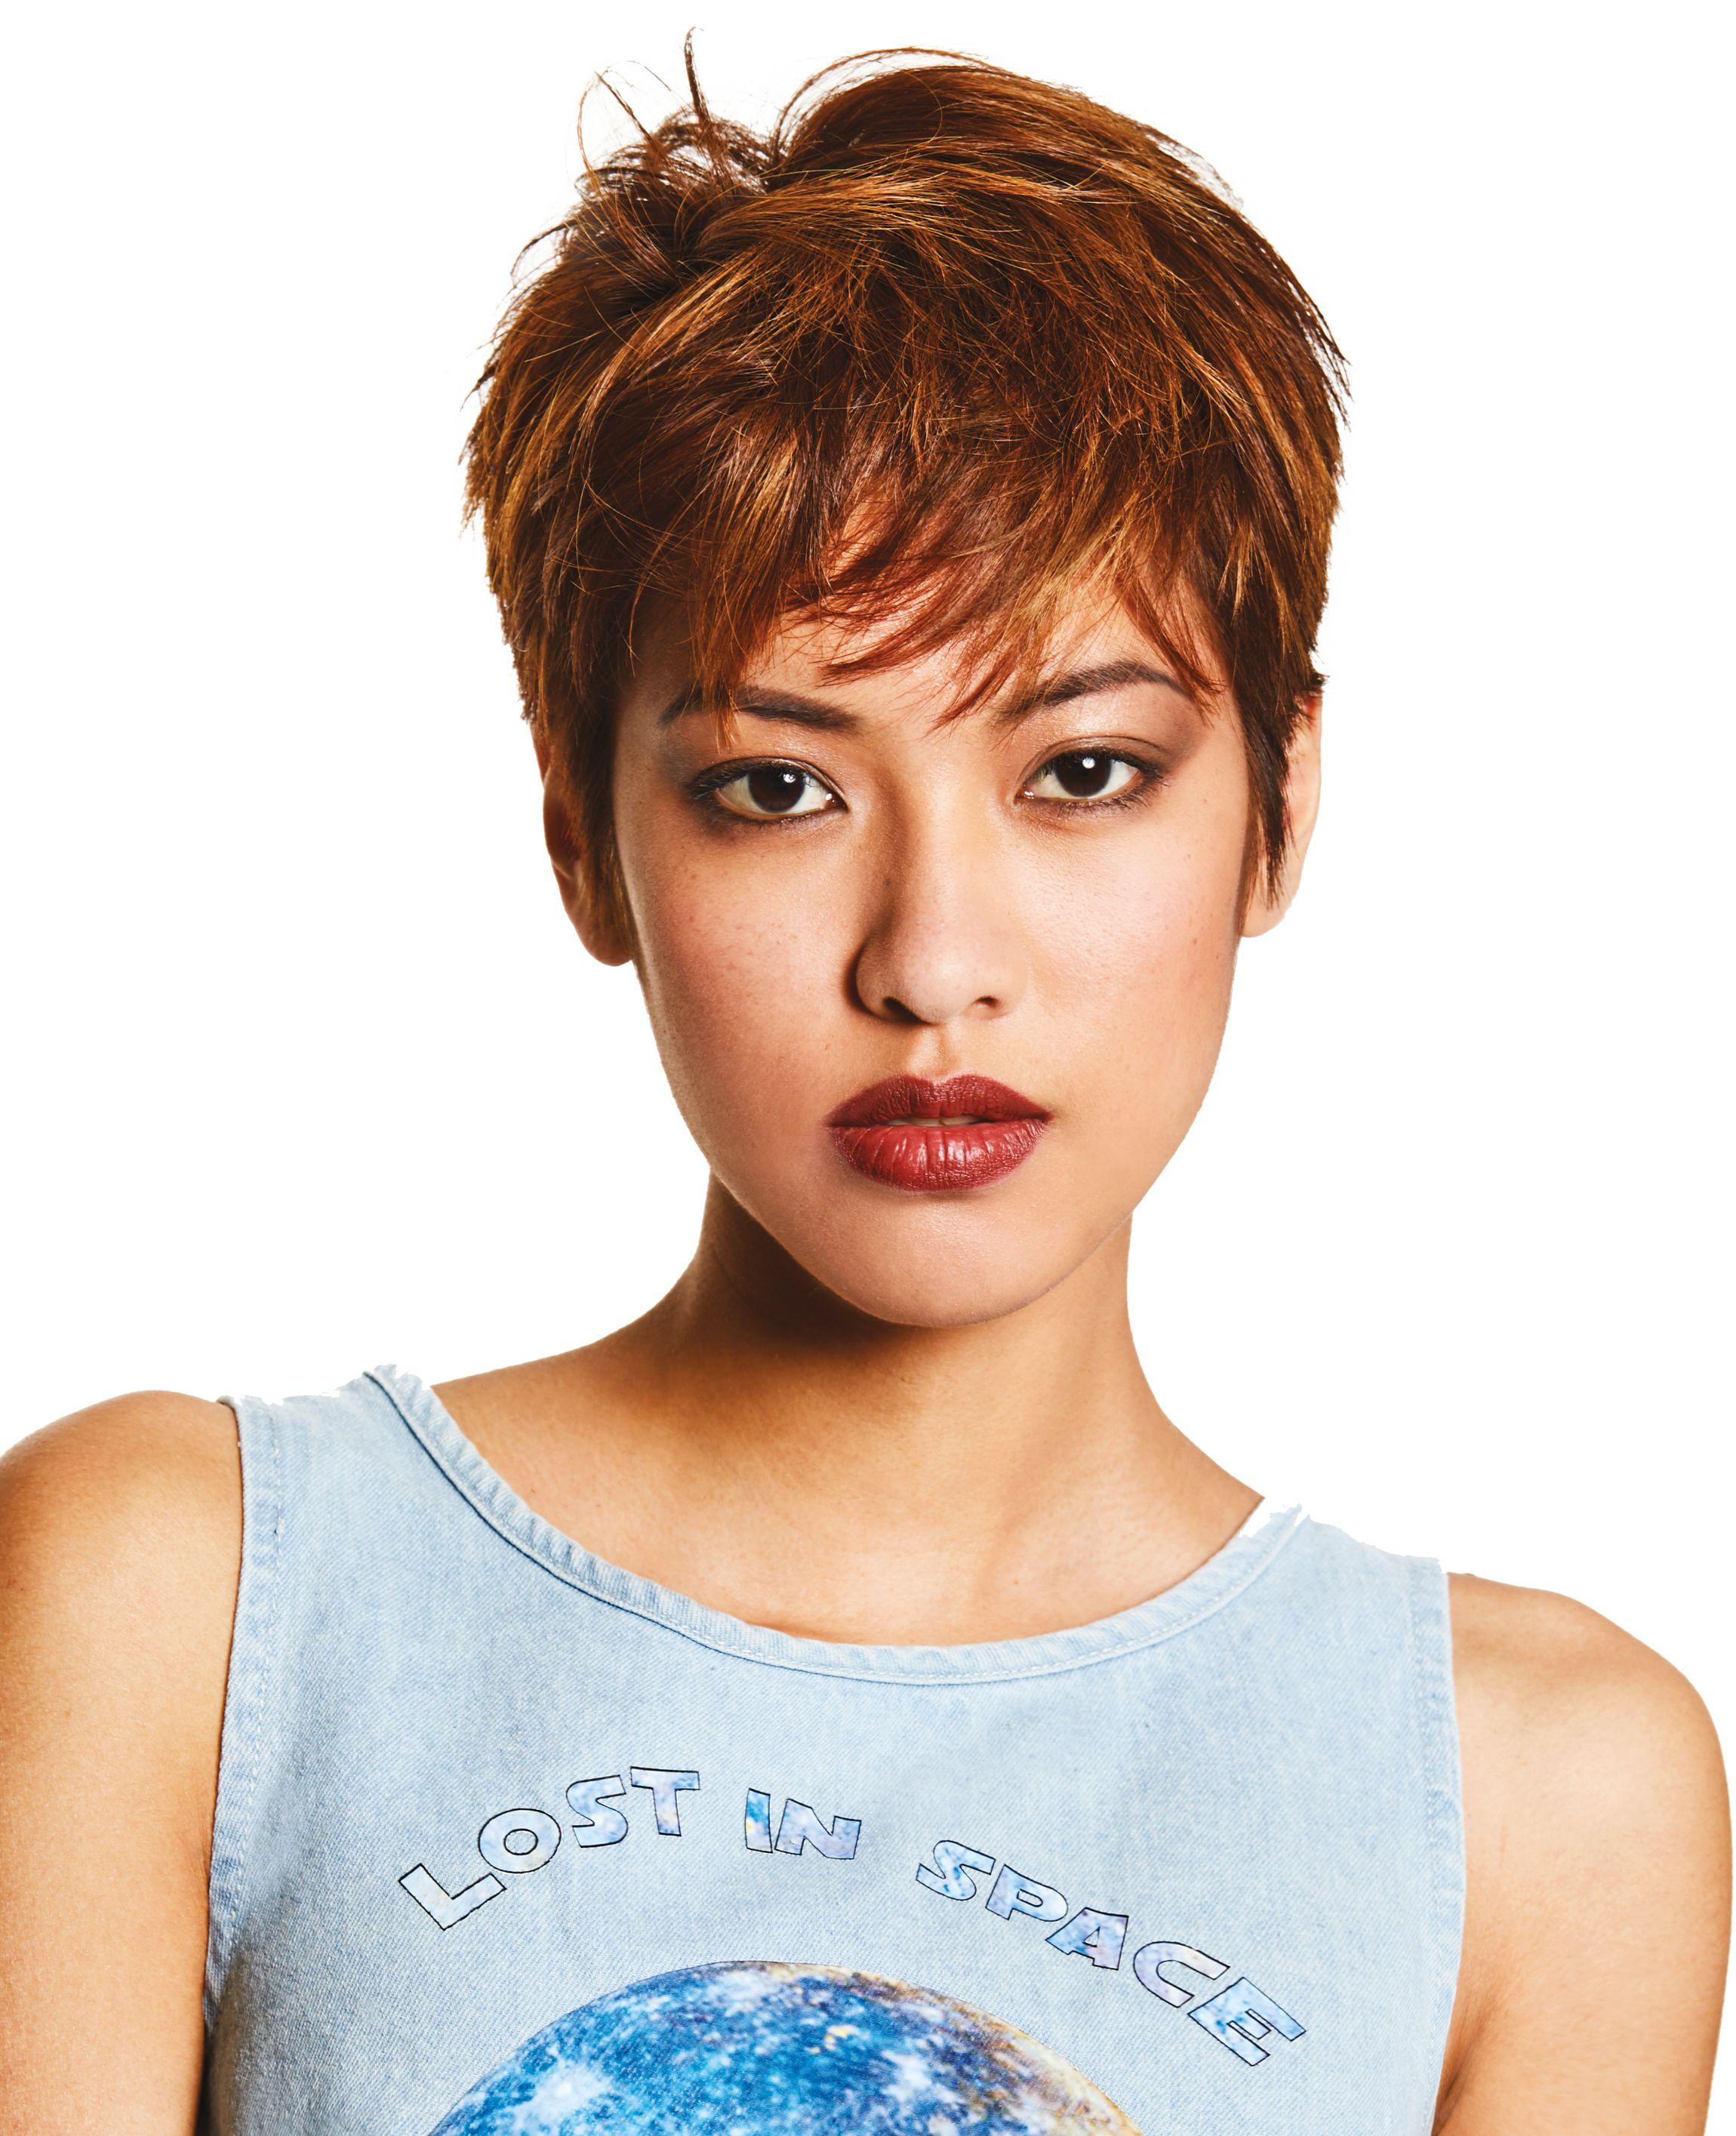 Triss - Coupe pixie modulable. Une coupe courte très féminine. Côté couleur, des reflets marron ...